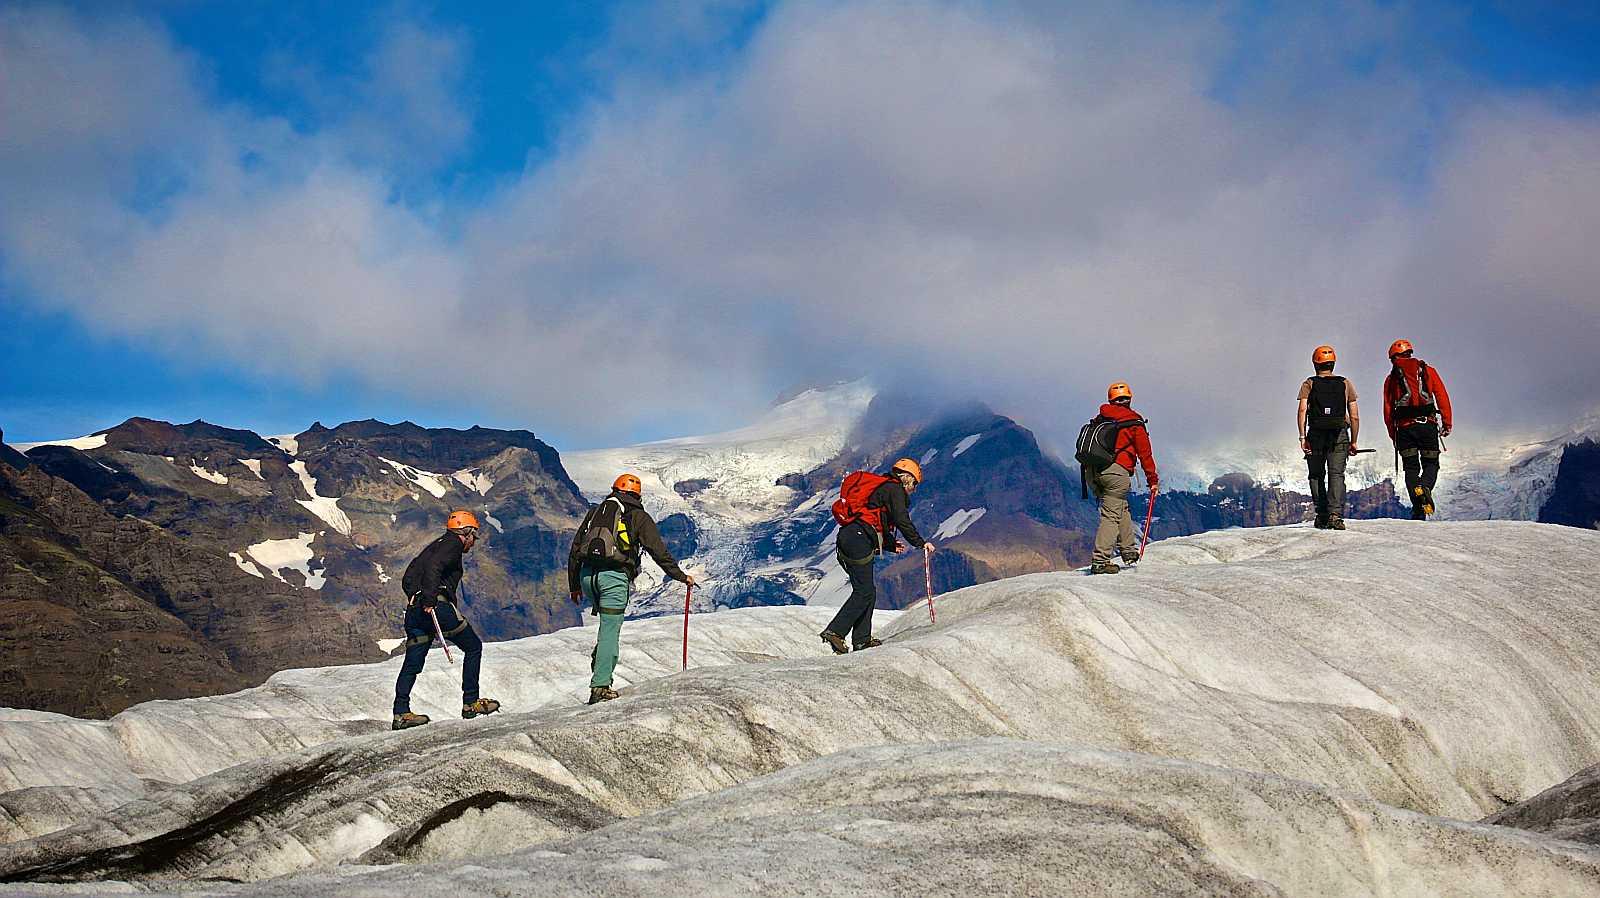 Klettergurt Für Gletschertouren : Tipps für hochtouren einsteiger komm mit in die gletscherwelten